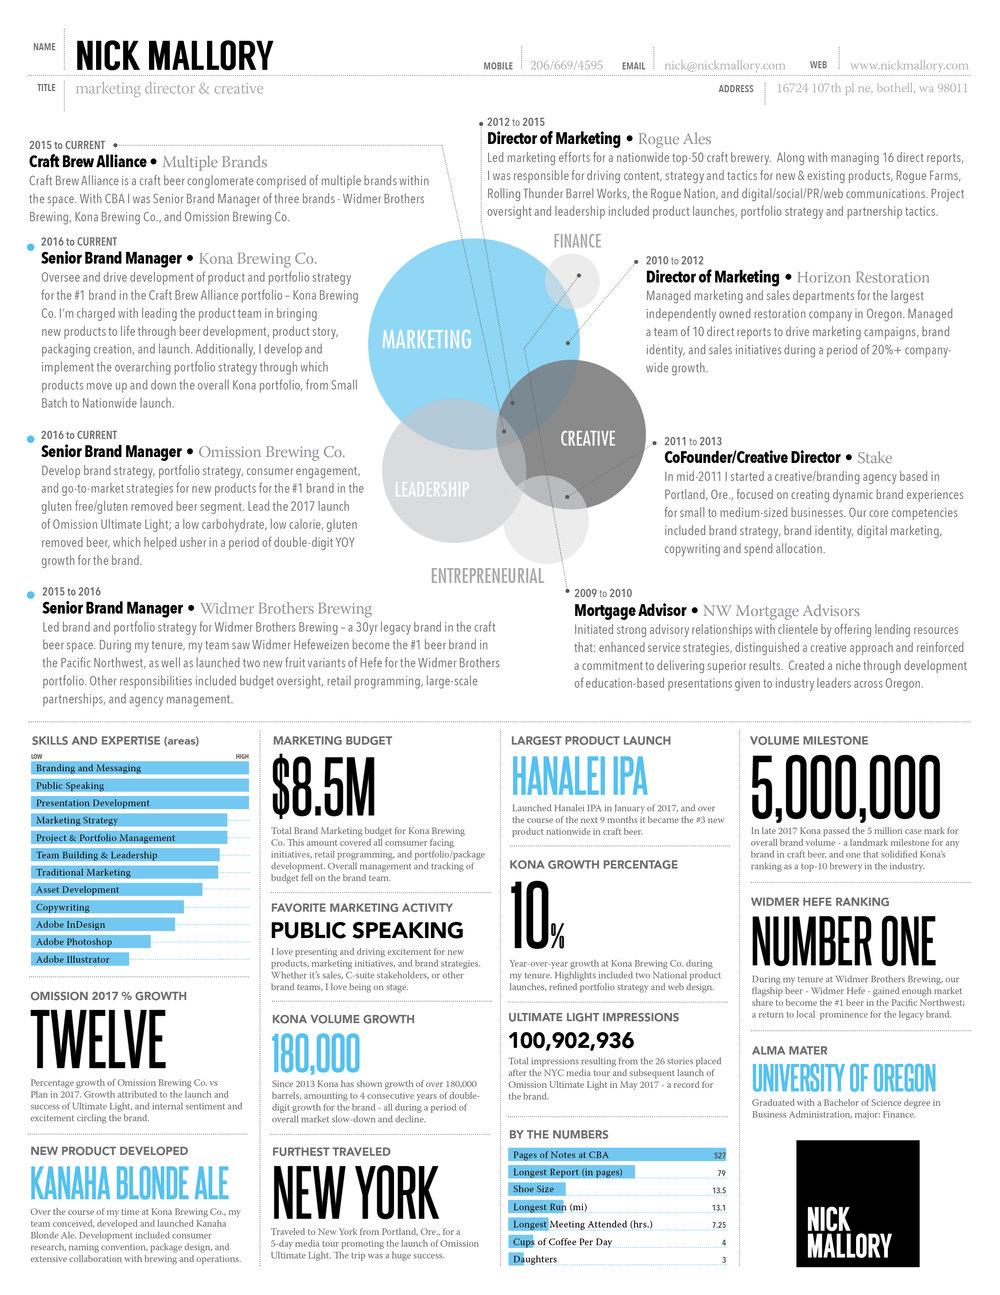 NM Resume (web).jpg